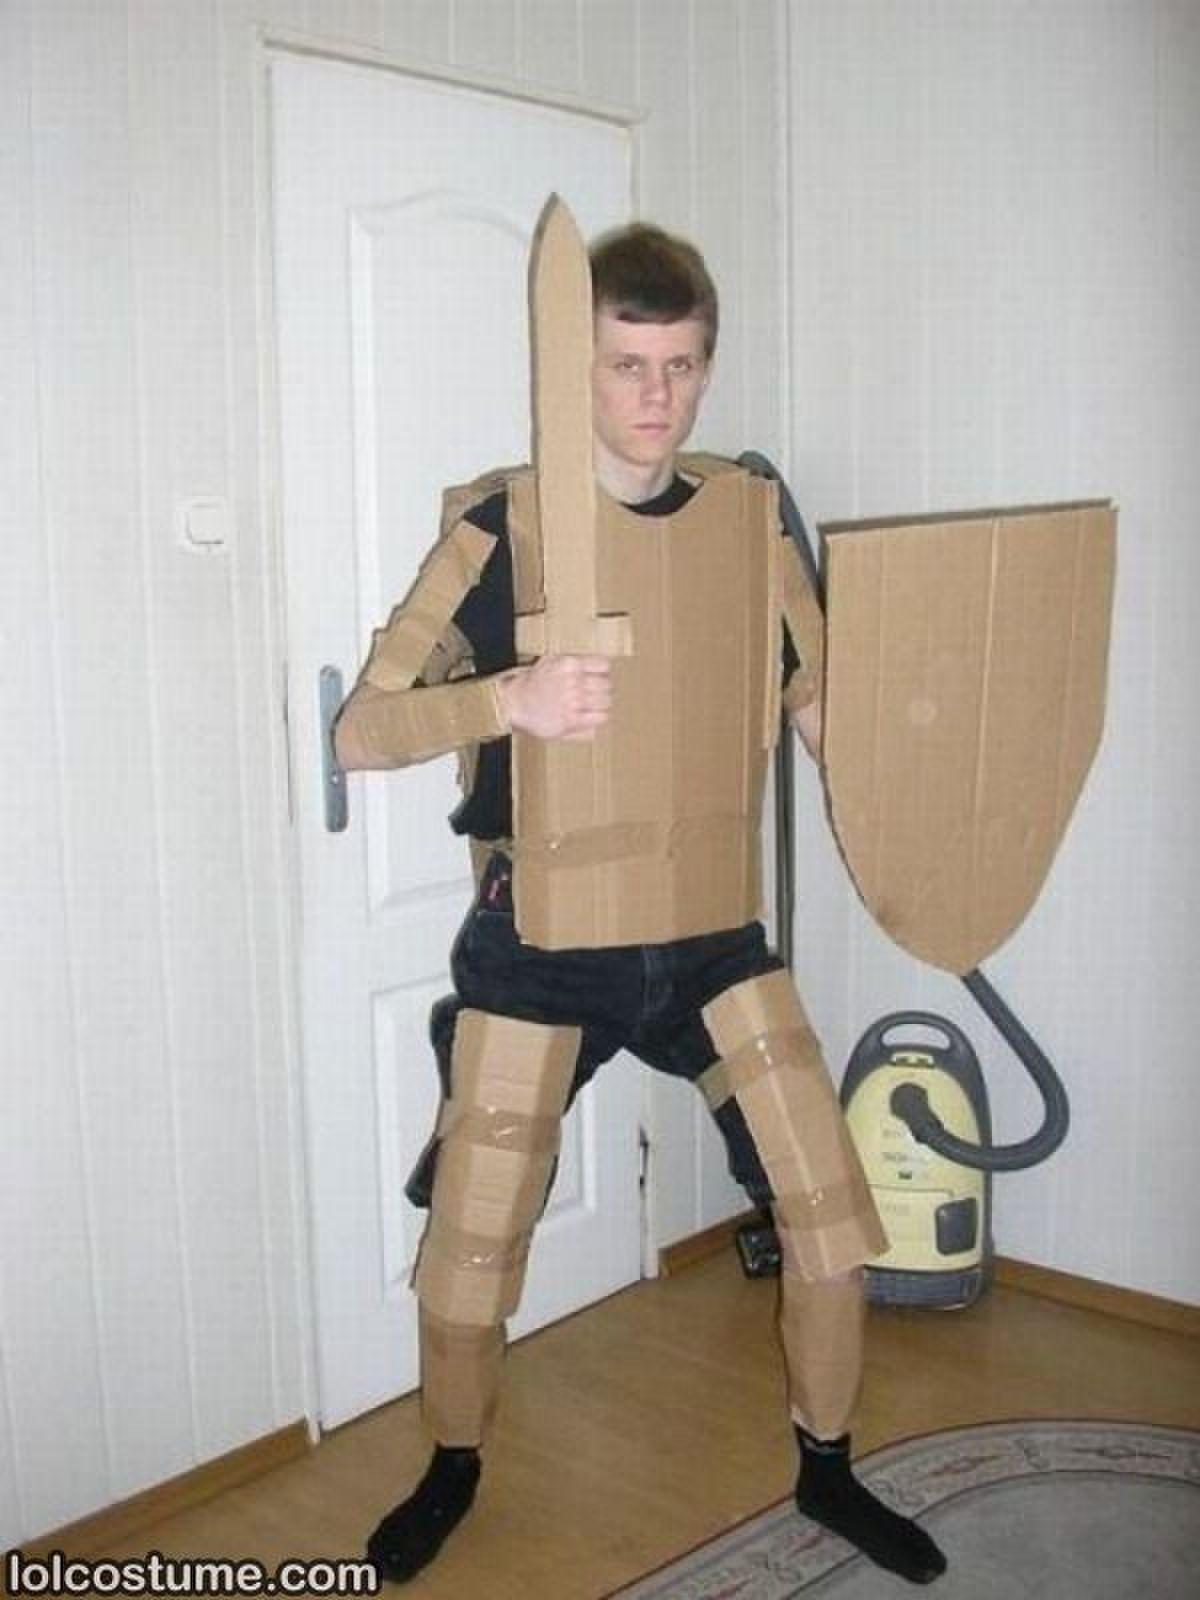 Karton xxx dalimosnl naked pic